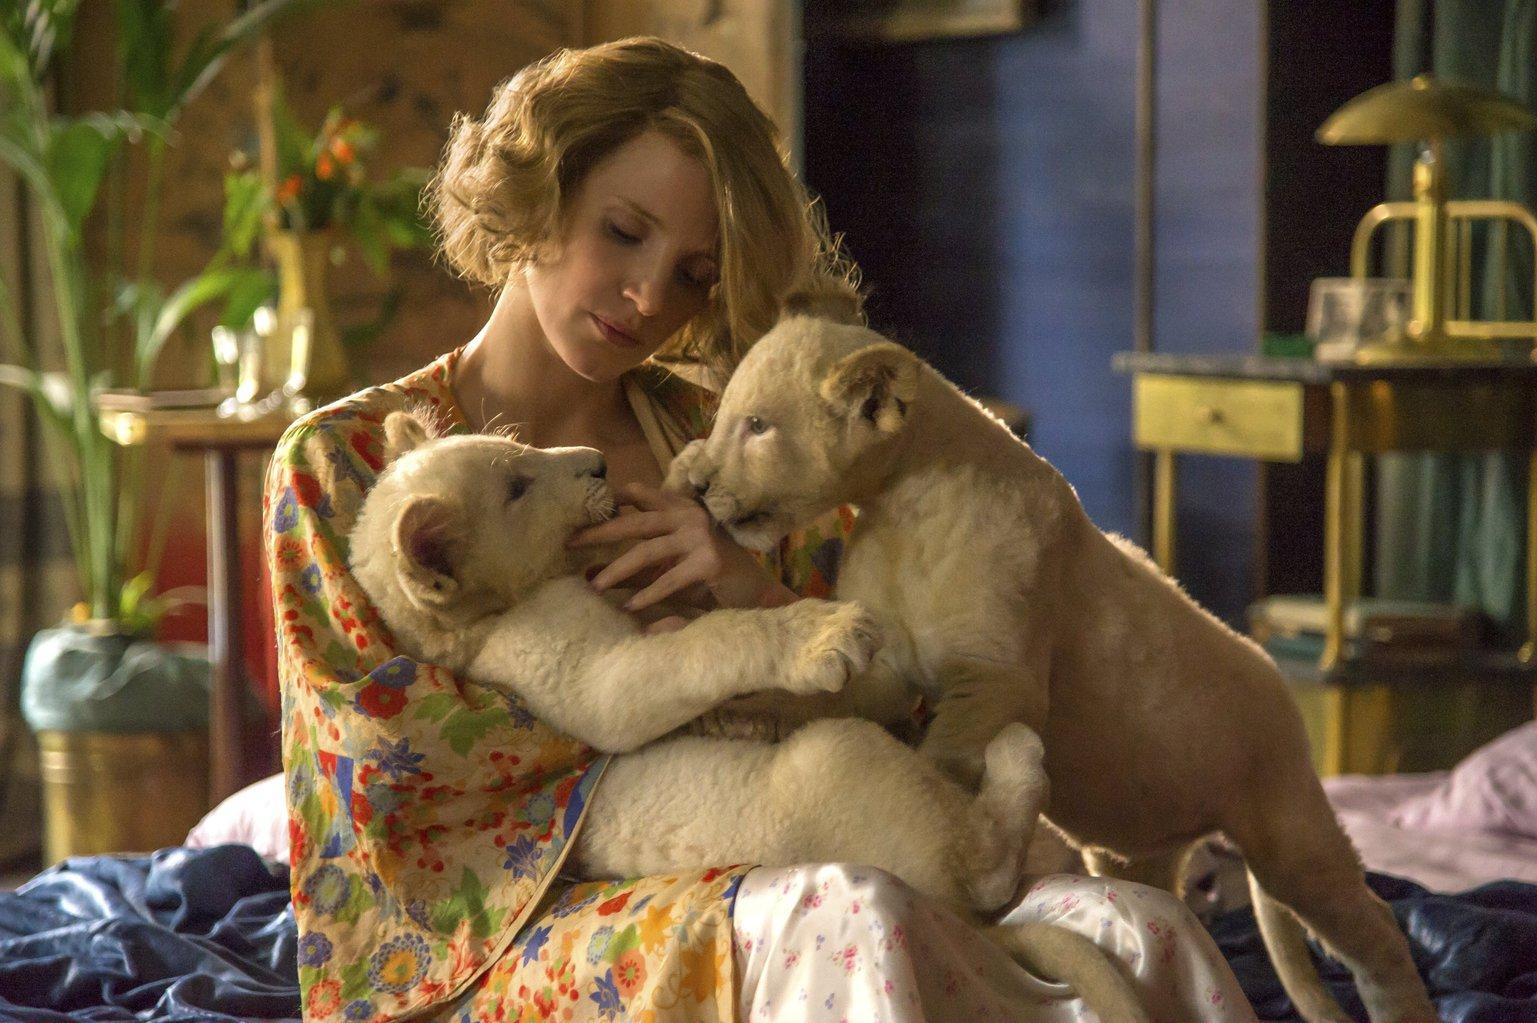 A Focus Features filmstúdió által közreadott kép Jessica Chastain amerikai színésznőről a Menedék (The Zookeeper's Wife) című filmje egyik jelenetében. Chastain az 1939-ben Lengyelországban játszódó életrajzi dráma főszereplője. (MTI/AP/Anne Marie Fox/Focus Features)